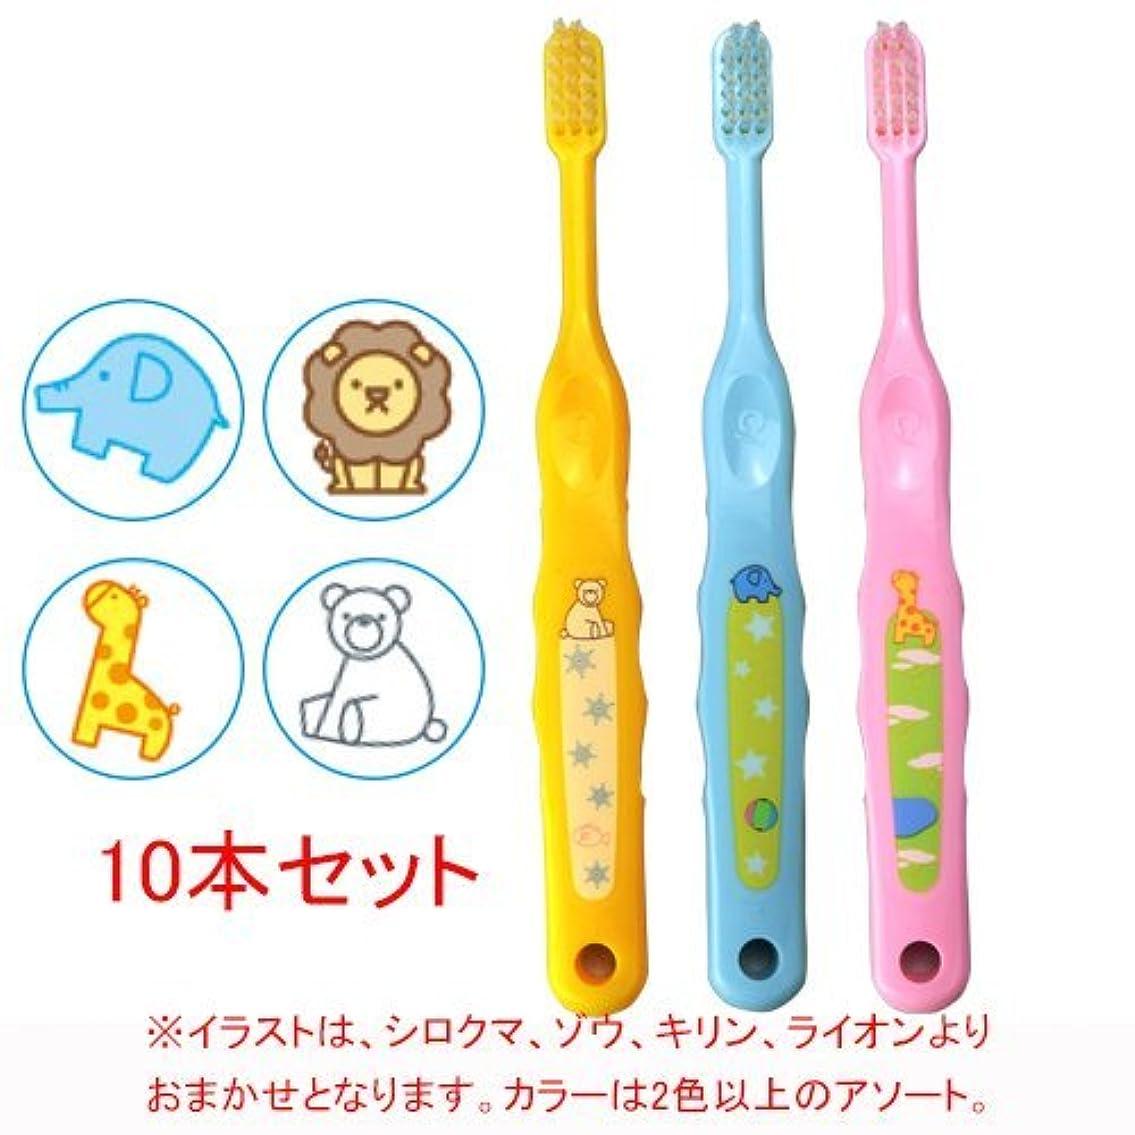 ウィザード性格繊維Ciメディカル Ci なまえ歯ブラシ 502 (ふつう) (乳児~小学生向)10本